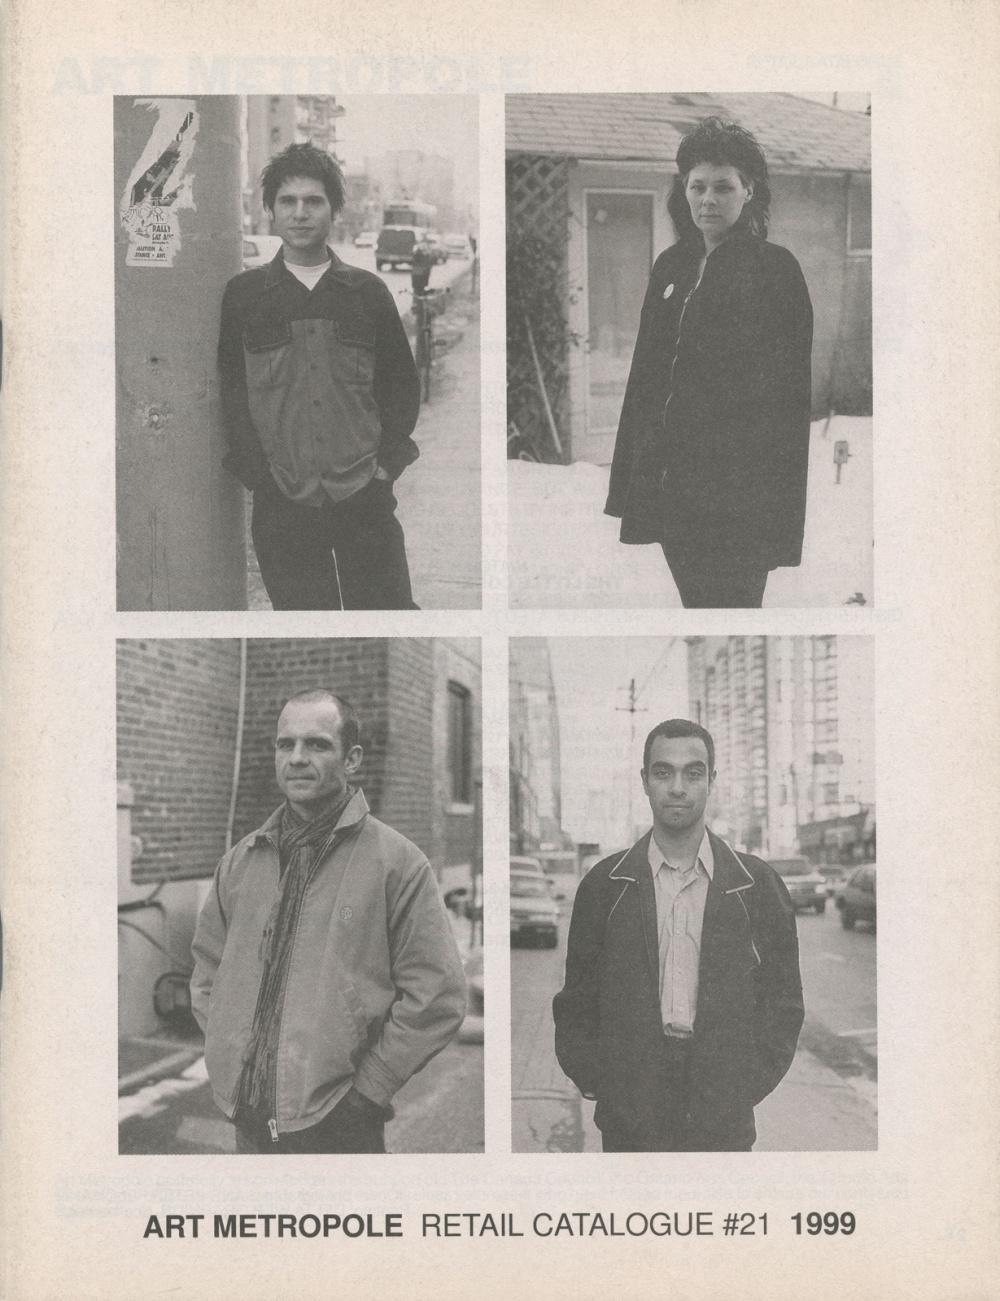 Art Metropole Retail Catalogue #21(front)